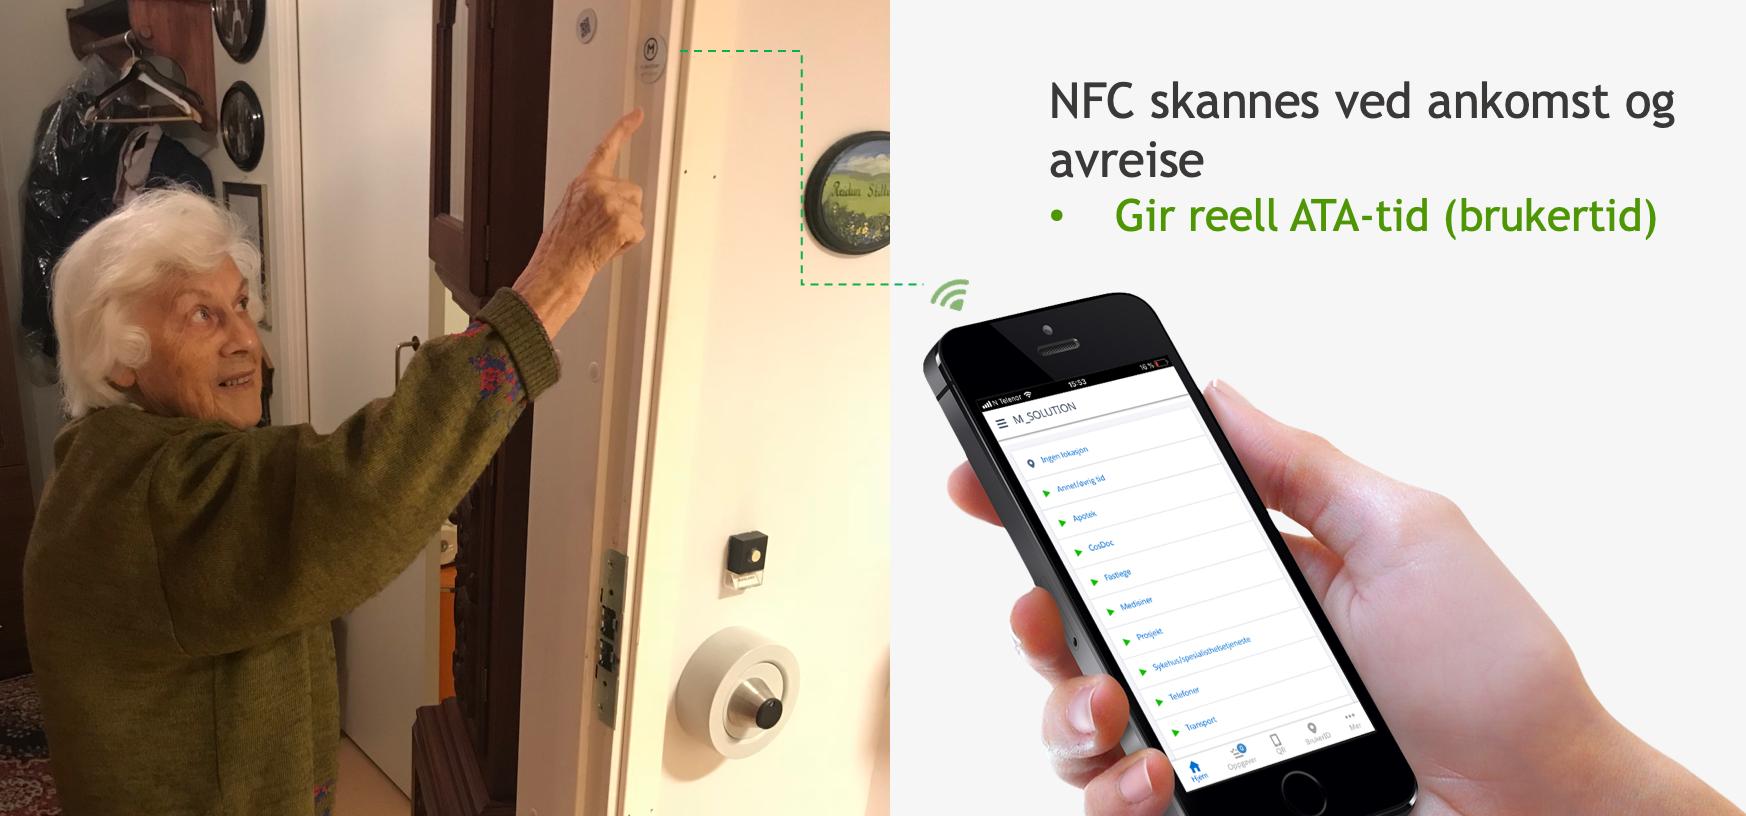 Fest NFC brikken i dørkarmen hos brukerne. Her er den usynlig og det er enkelt for den ansatte å se den. Registreringen starter når man skanner brikken og stopper når man skanner seg ut. På denne måten får man lik registrering for alle og tallene blir reelle.  Det er ikke mulig å registrere feil ved at man legger inn tall manuelt eller starter og stopper som man selv vil.